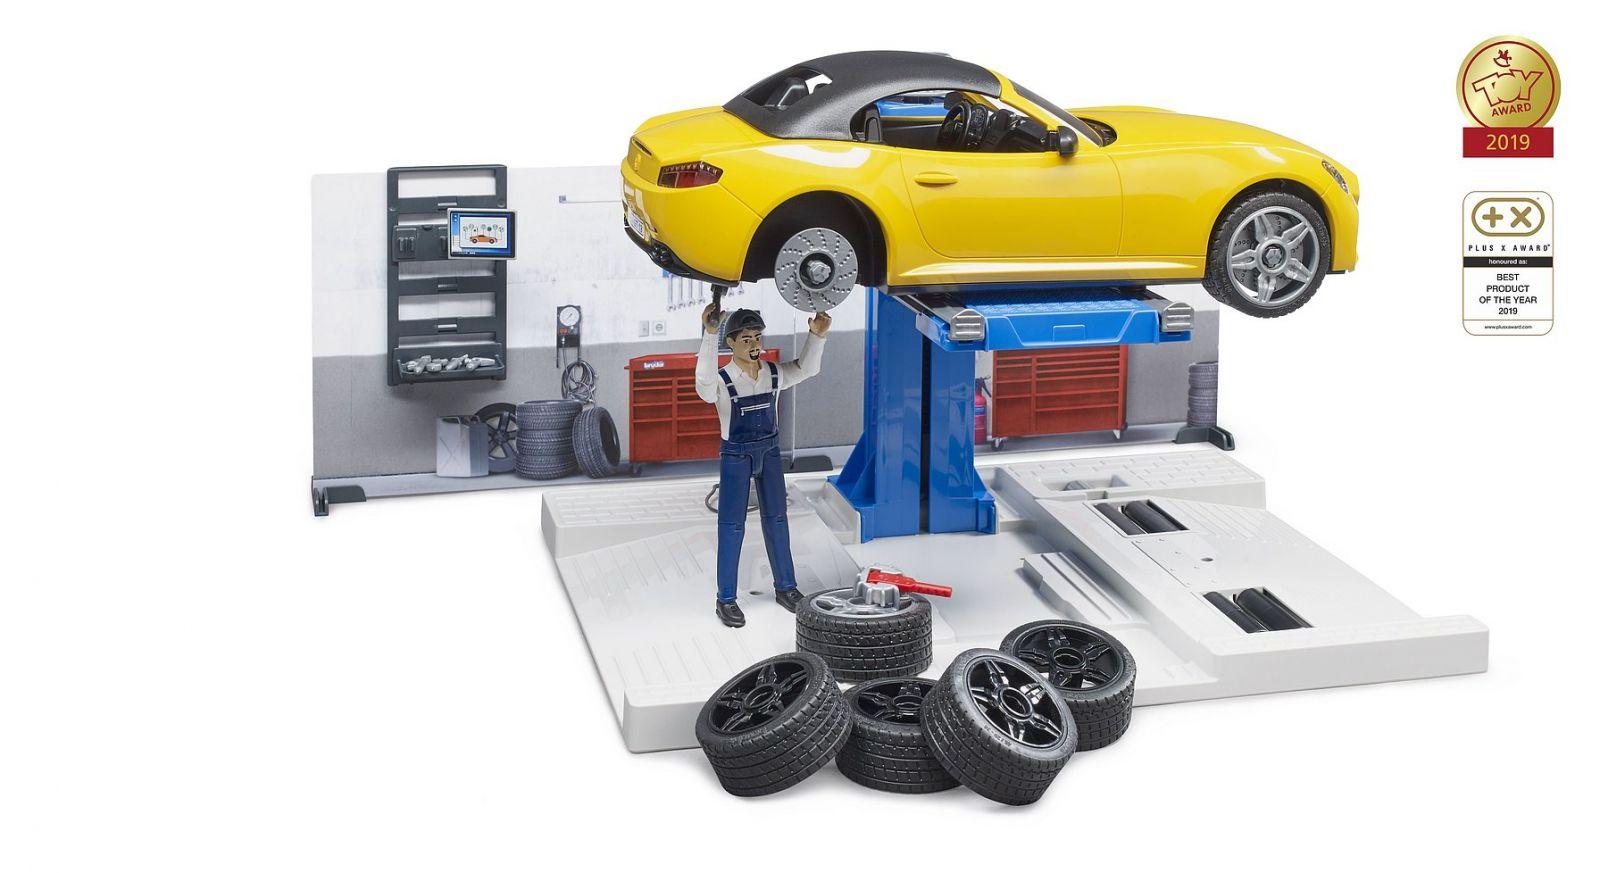 Dřevěné hračky Bruder Autodílna s autem a figurkou 1:16